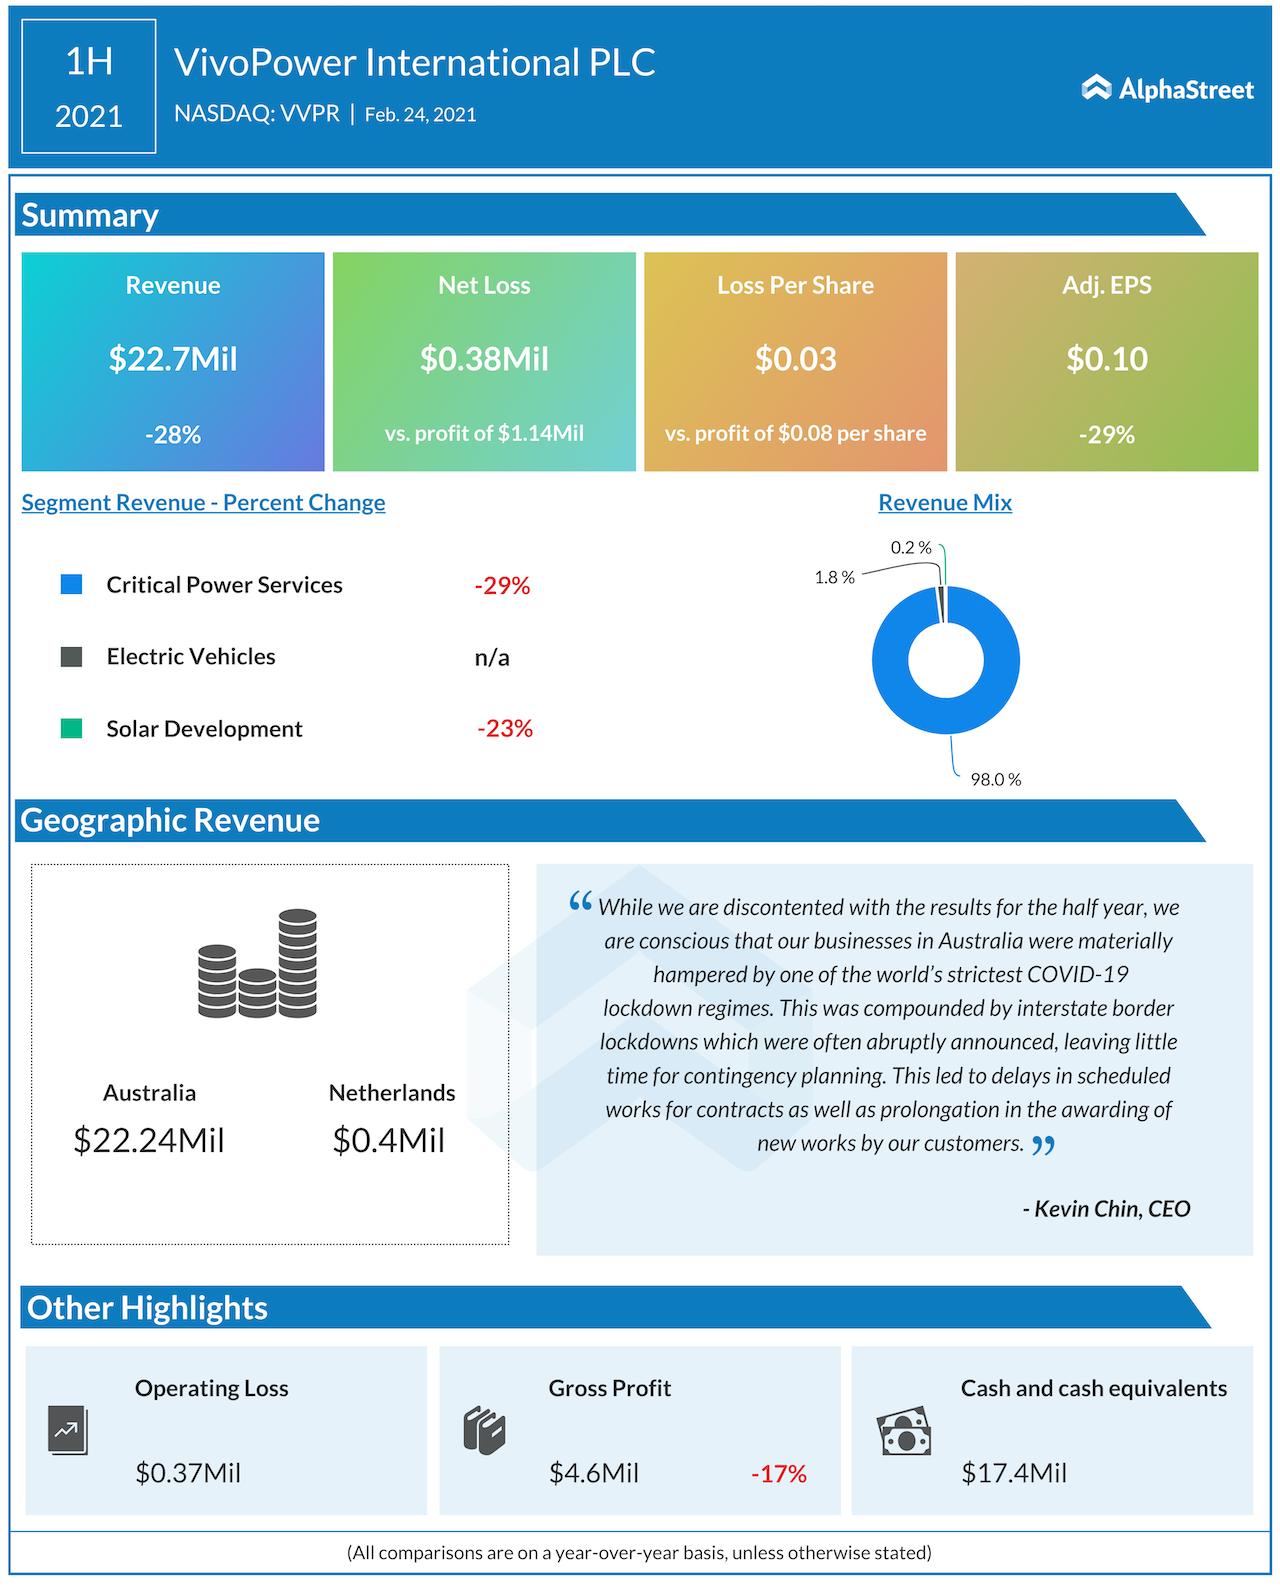 VivoPower H1 2021 earnings